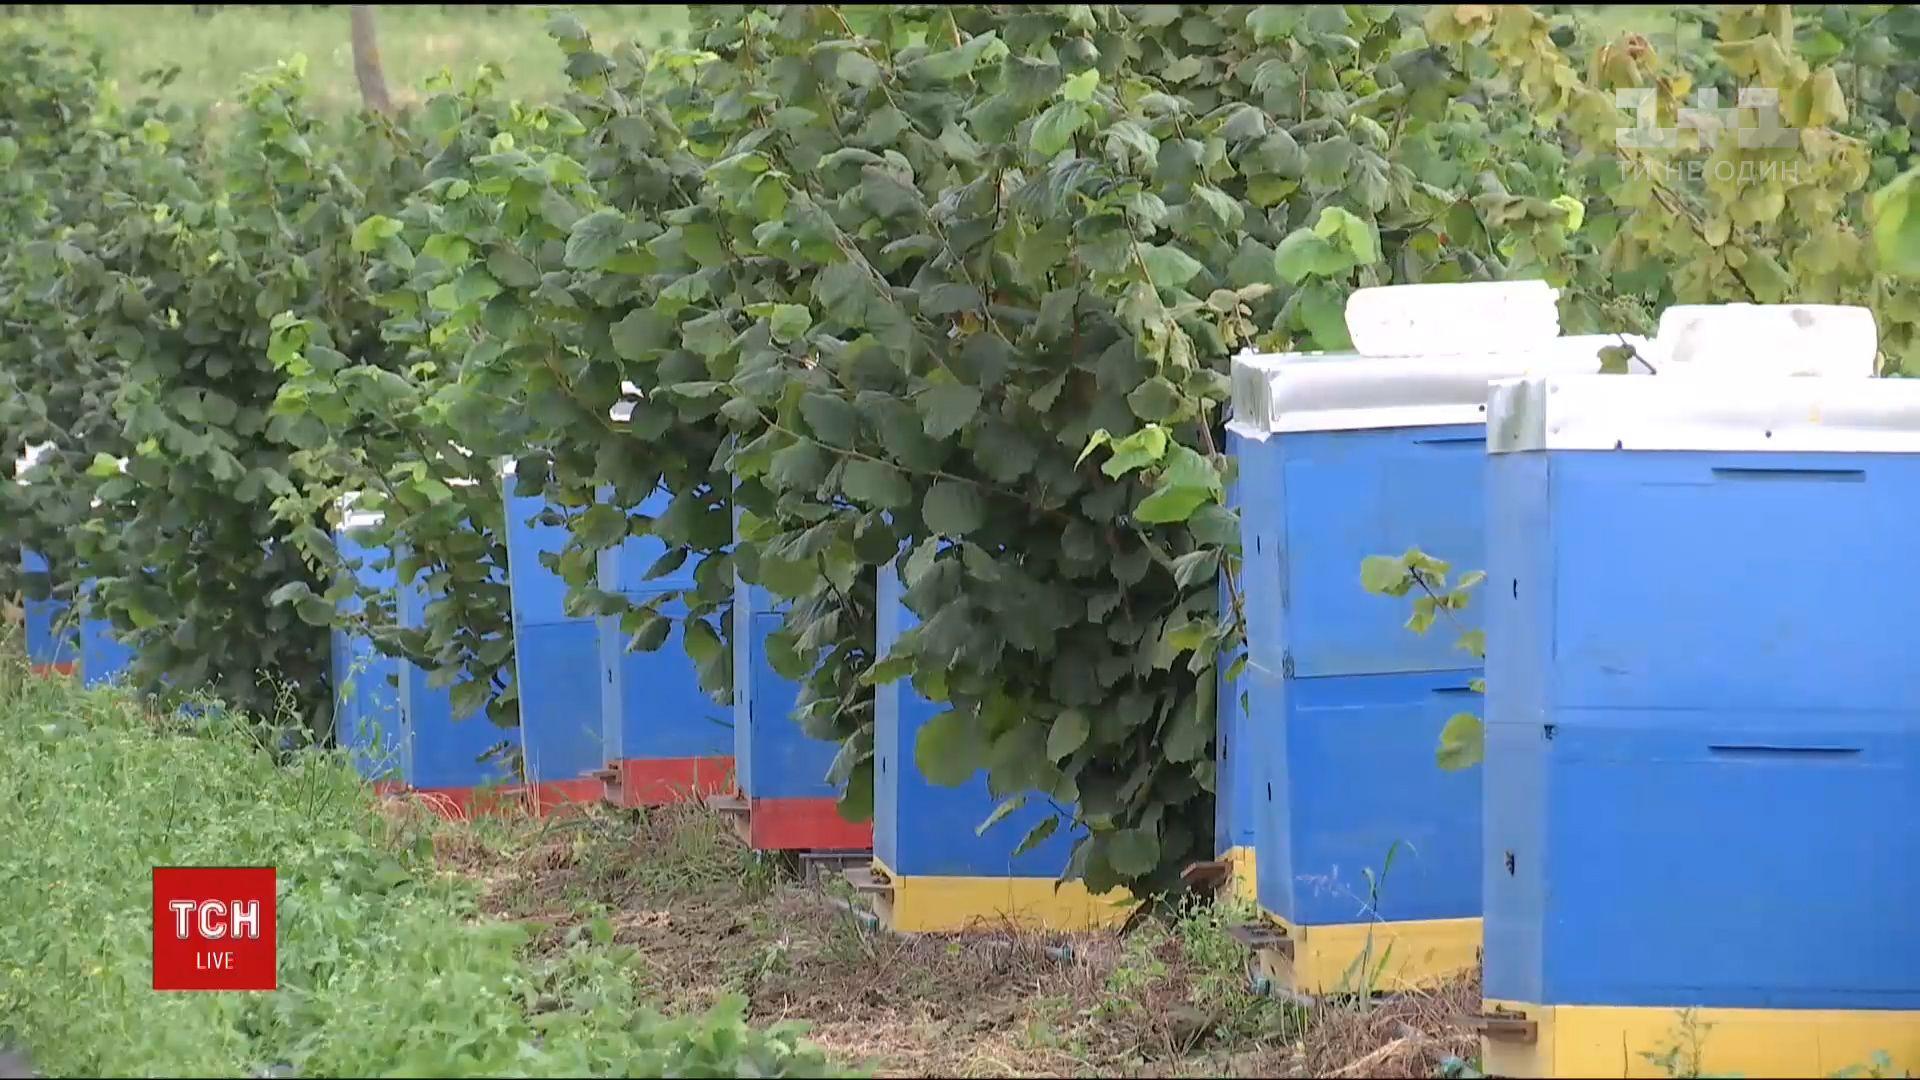 Цього року загинуло близько 45 тисяч бджолиних родин / Кадр з відео ТСН